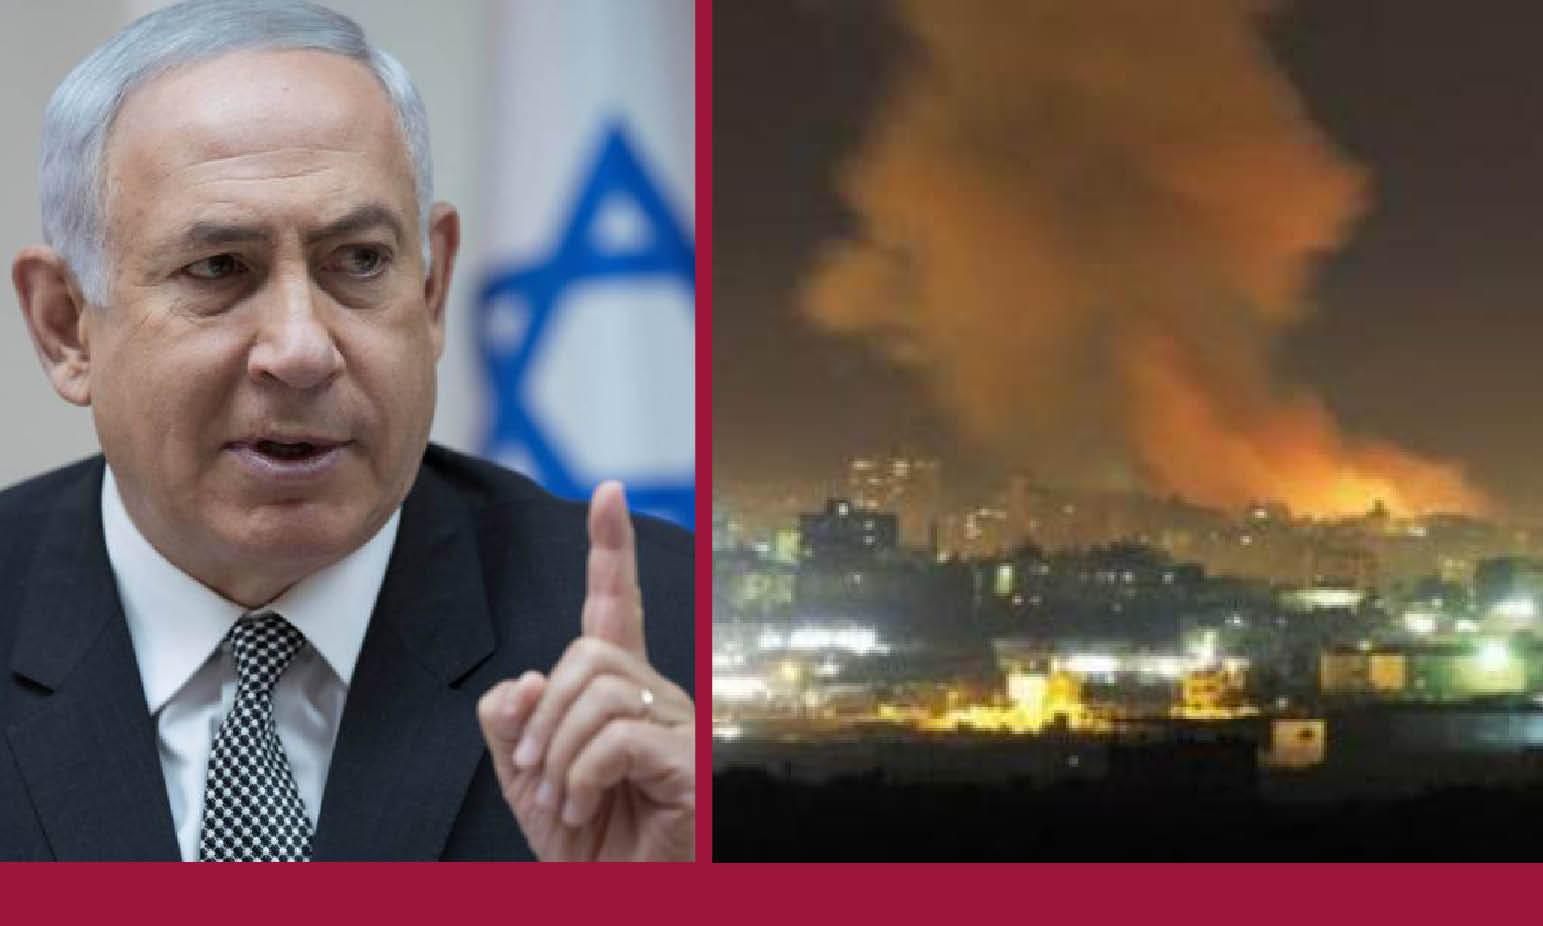 SIRIA: I MISSILI ISRAELIANI UCCIDONO 3 CIVILI E UN BIMBO